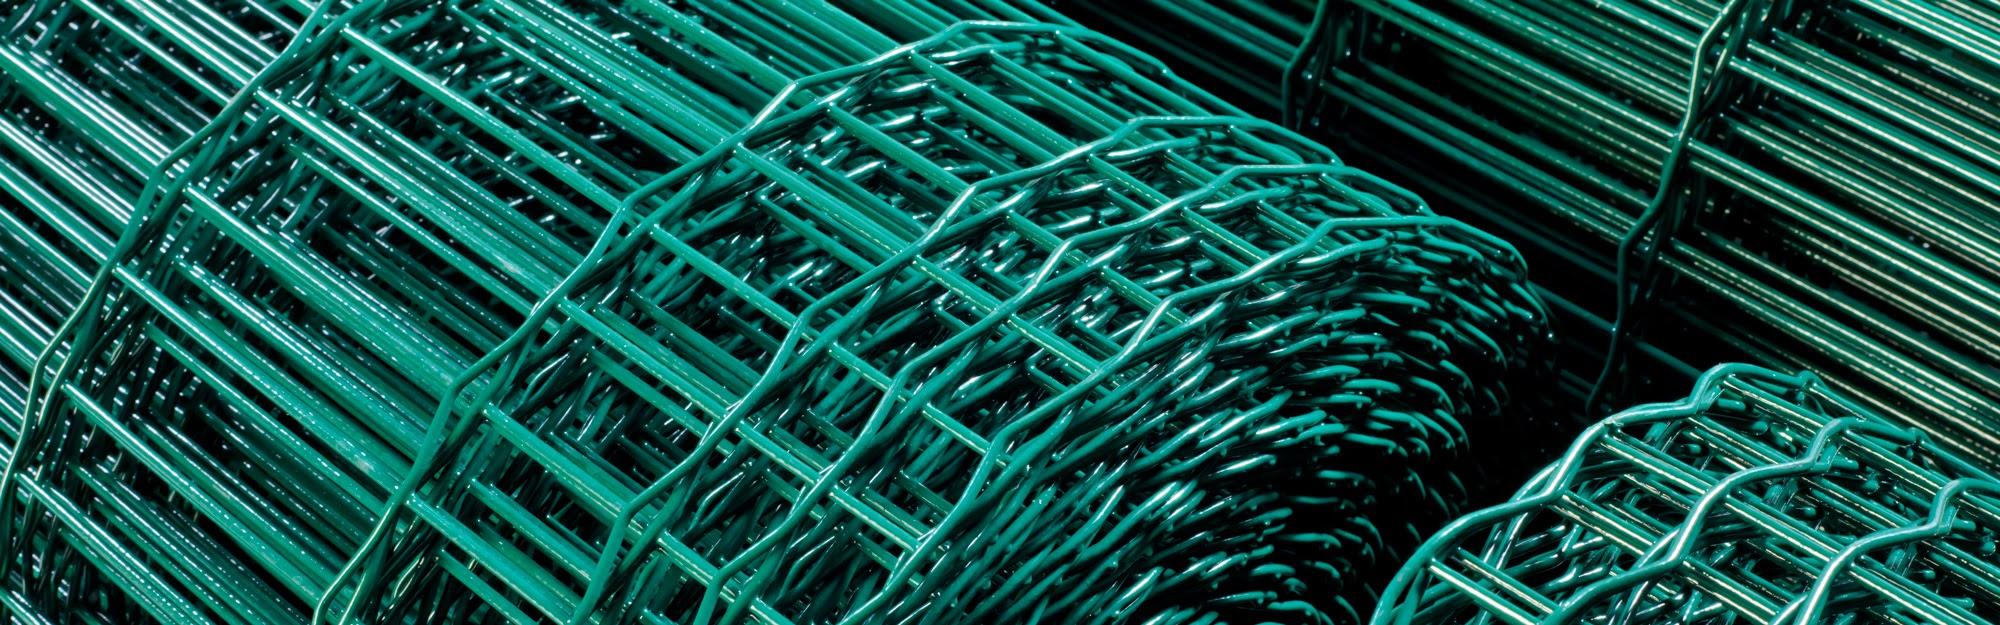 Rete Per Recinzione Altezza 2 Metri.Cavatorta Recinzioni Metalliche Rete Elettrosaldata